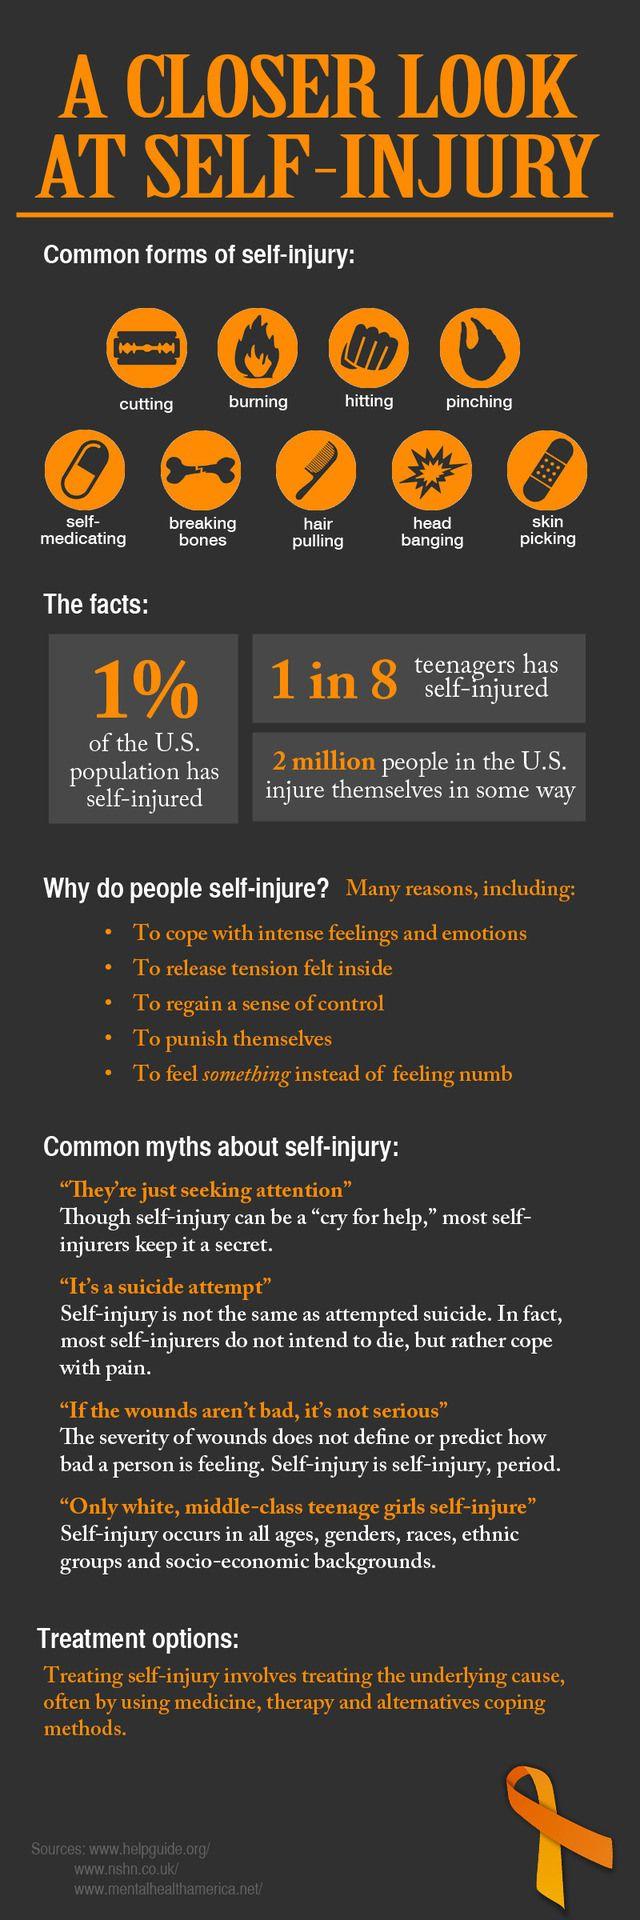 Understanding Self-Injury/ Self-Harm